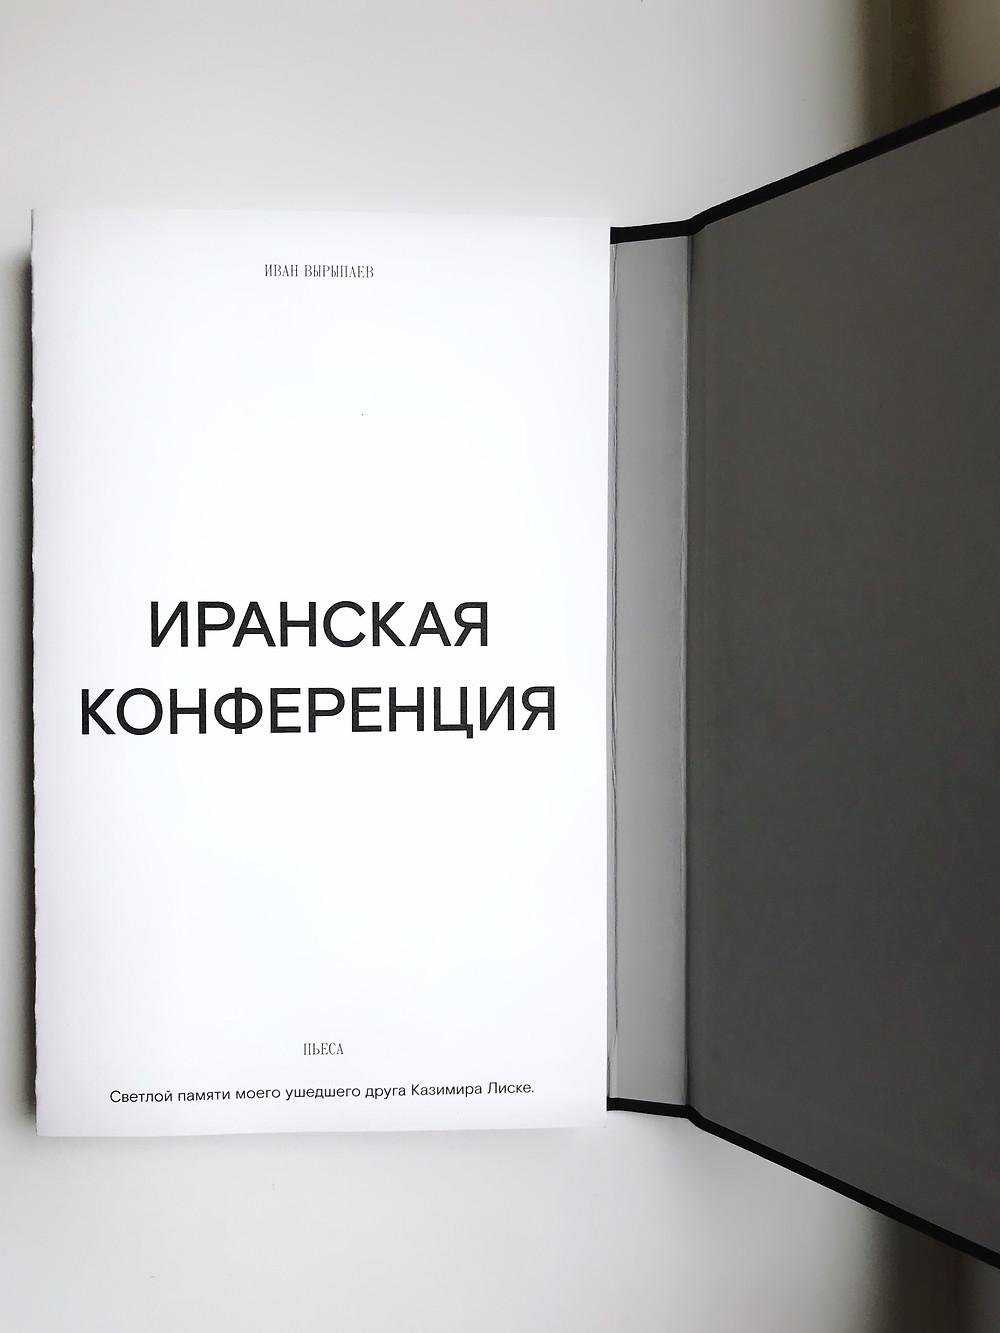 Вырыпаев И. Иранская конференция.—М., 2019. (Дизайн и вёрстка книги: T BA Studio. Автор фото: Татьяна Парфёнова)